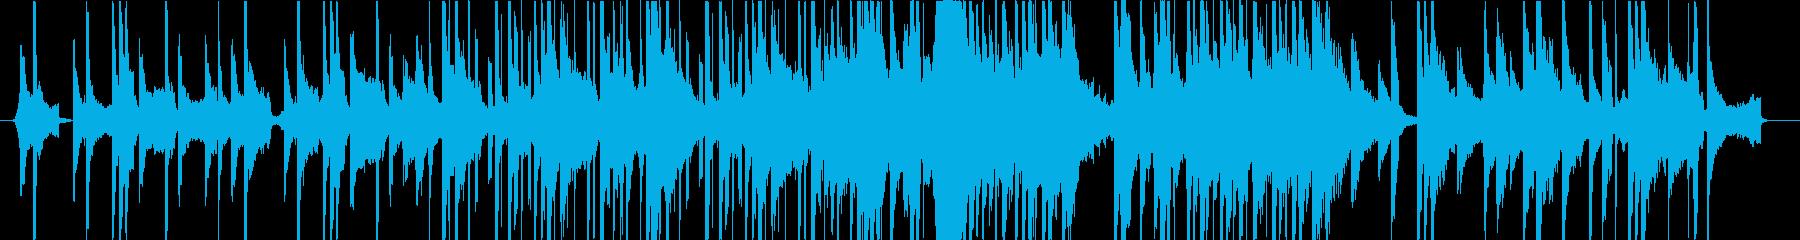 少し不思議なピアノとビートの再生済みの波形